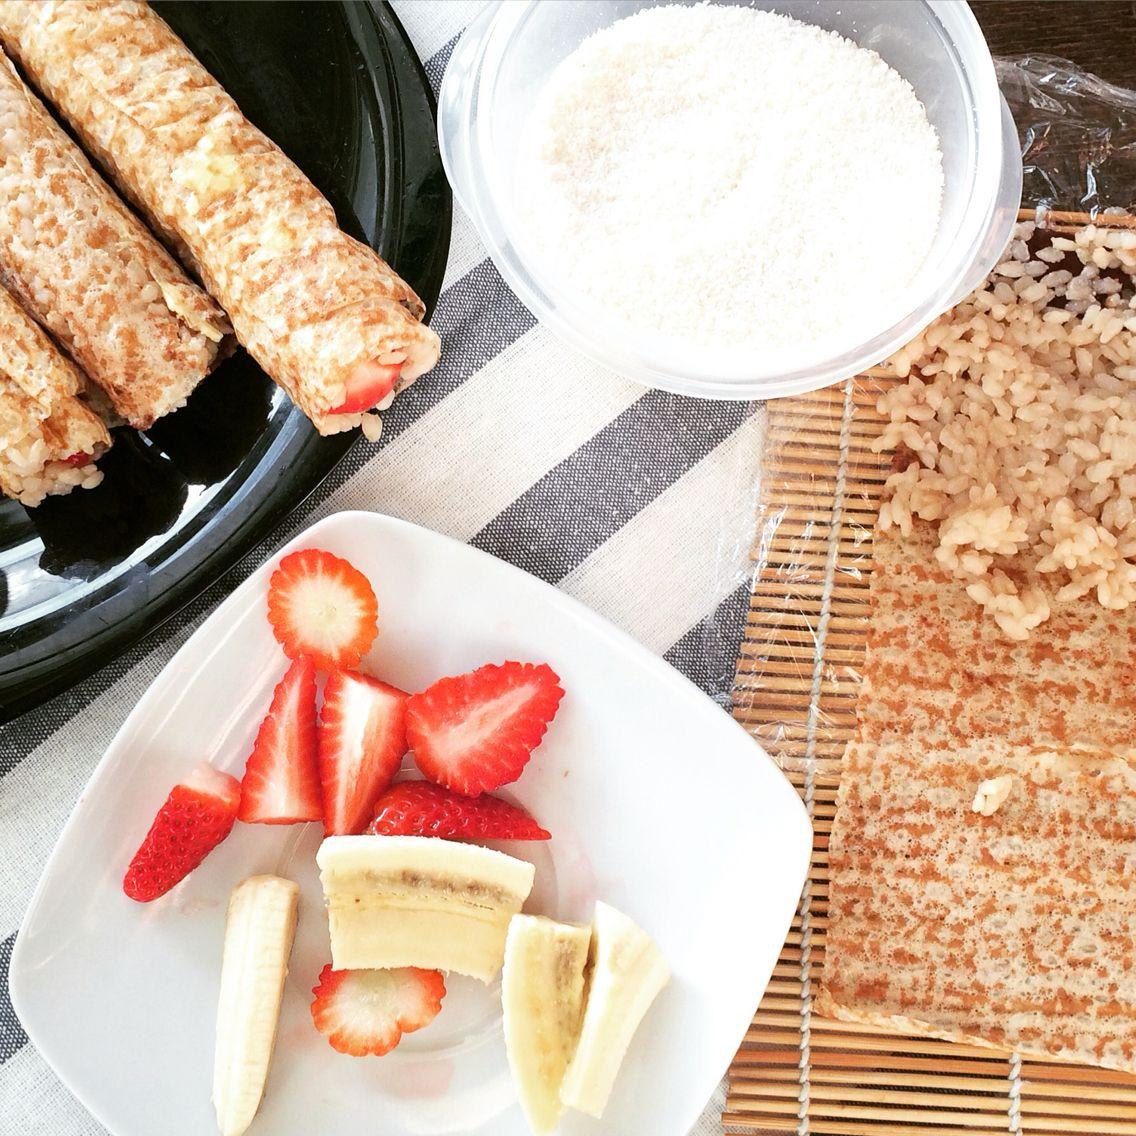 Preparando #sushi dulce para esta noche... Cena nipona en familia para terminar el año! #auroravegacook